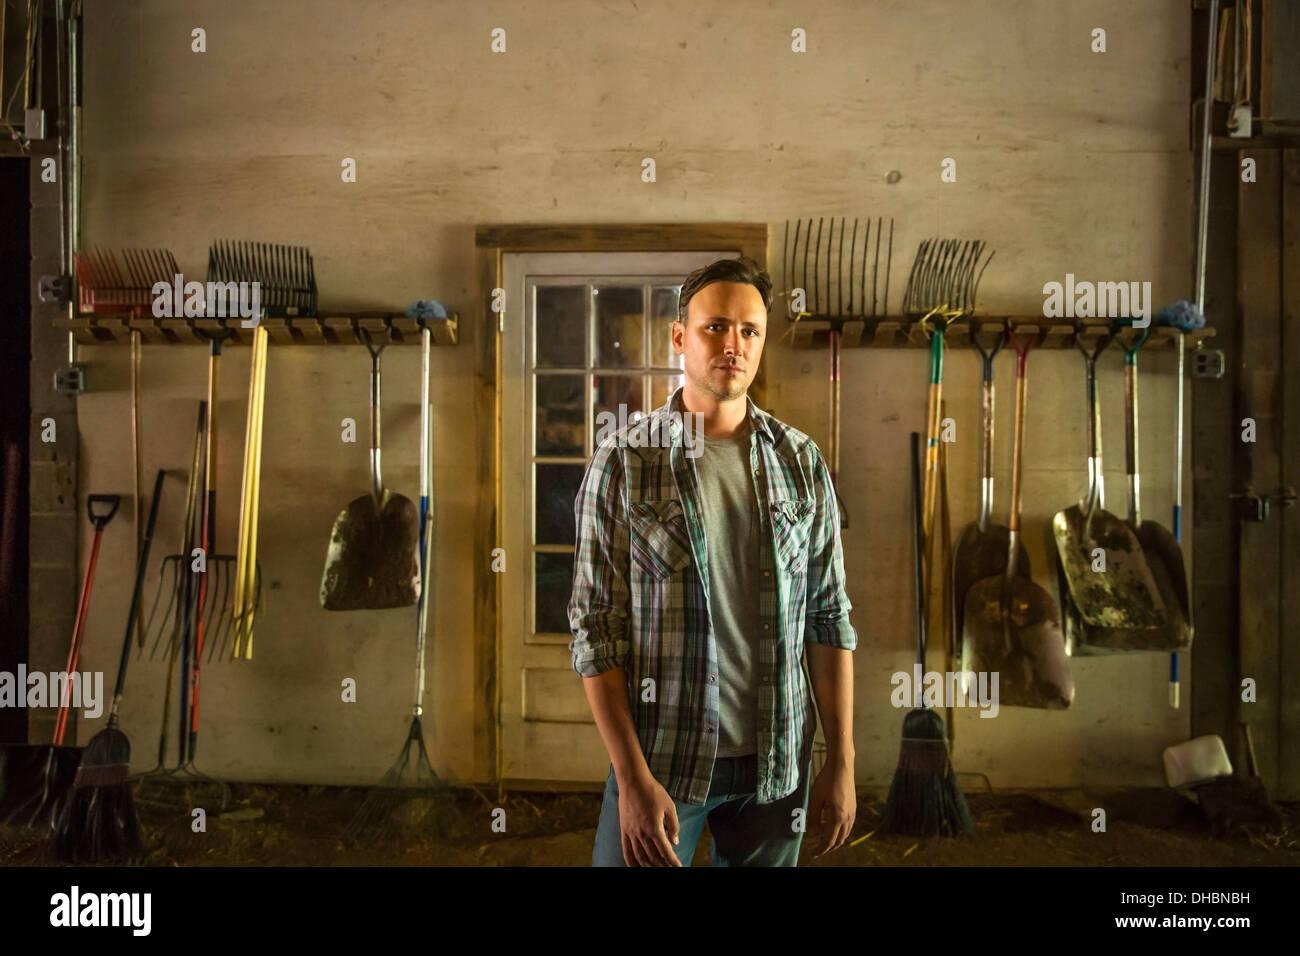 Un agriturismo biologico nelle Catskills Mountains. Un uomo in piedi in un fienile con attrezzatura memorizzata attorno alle pareti. Immagini Stock